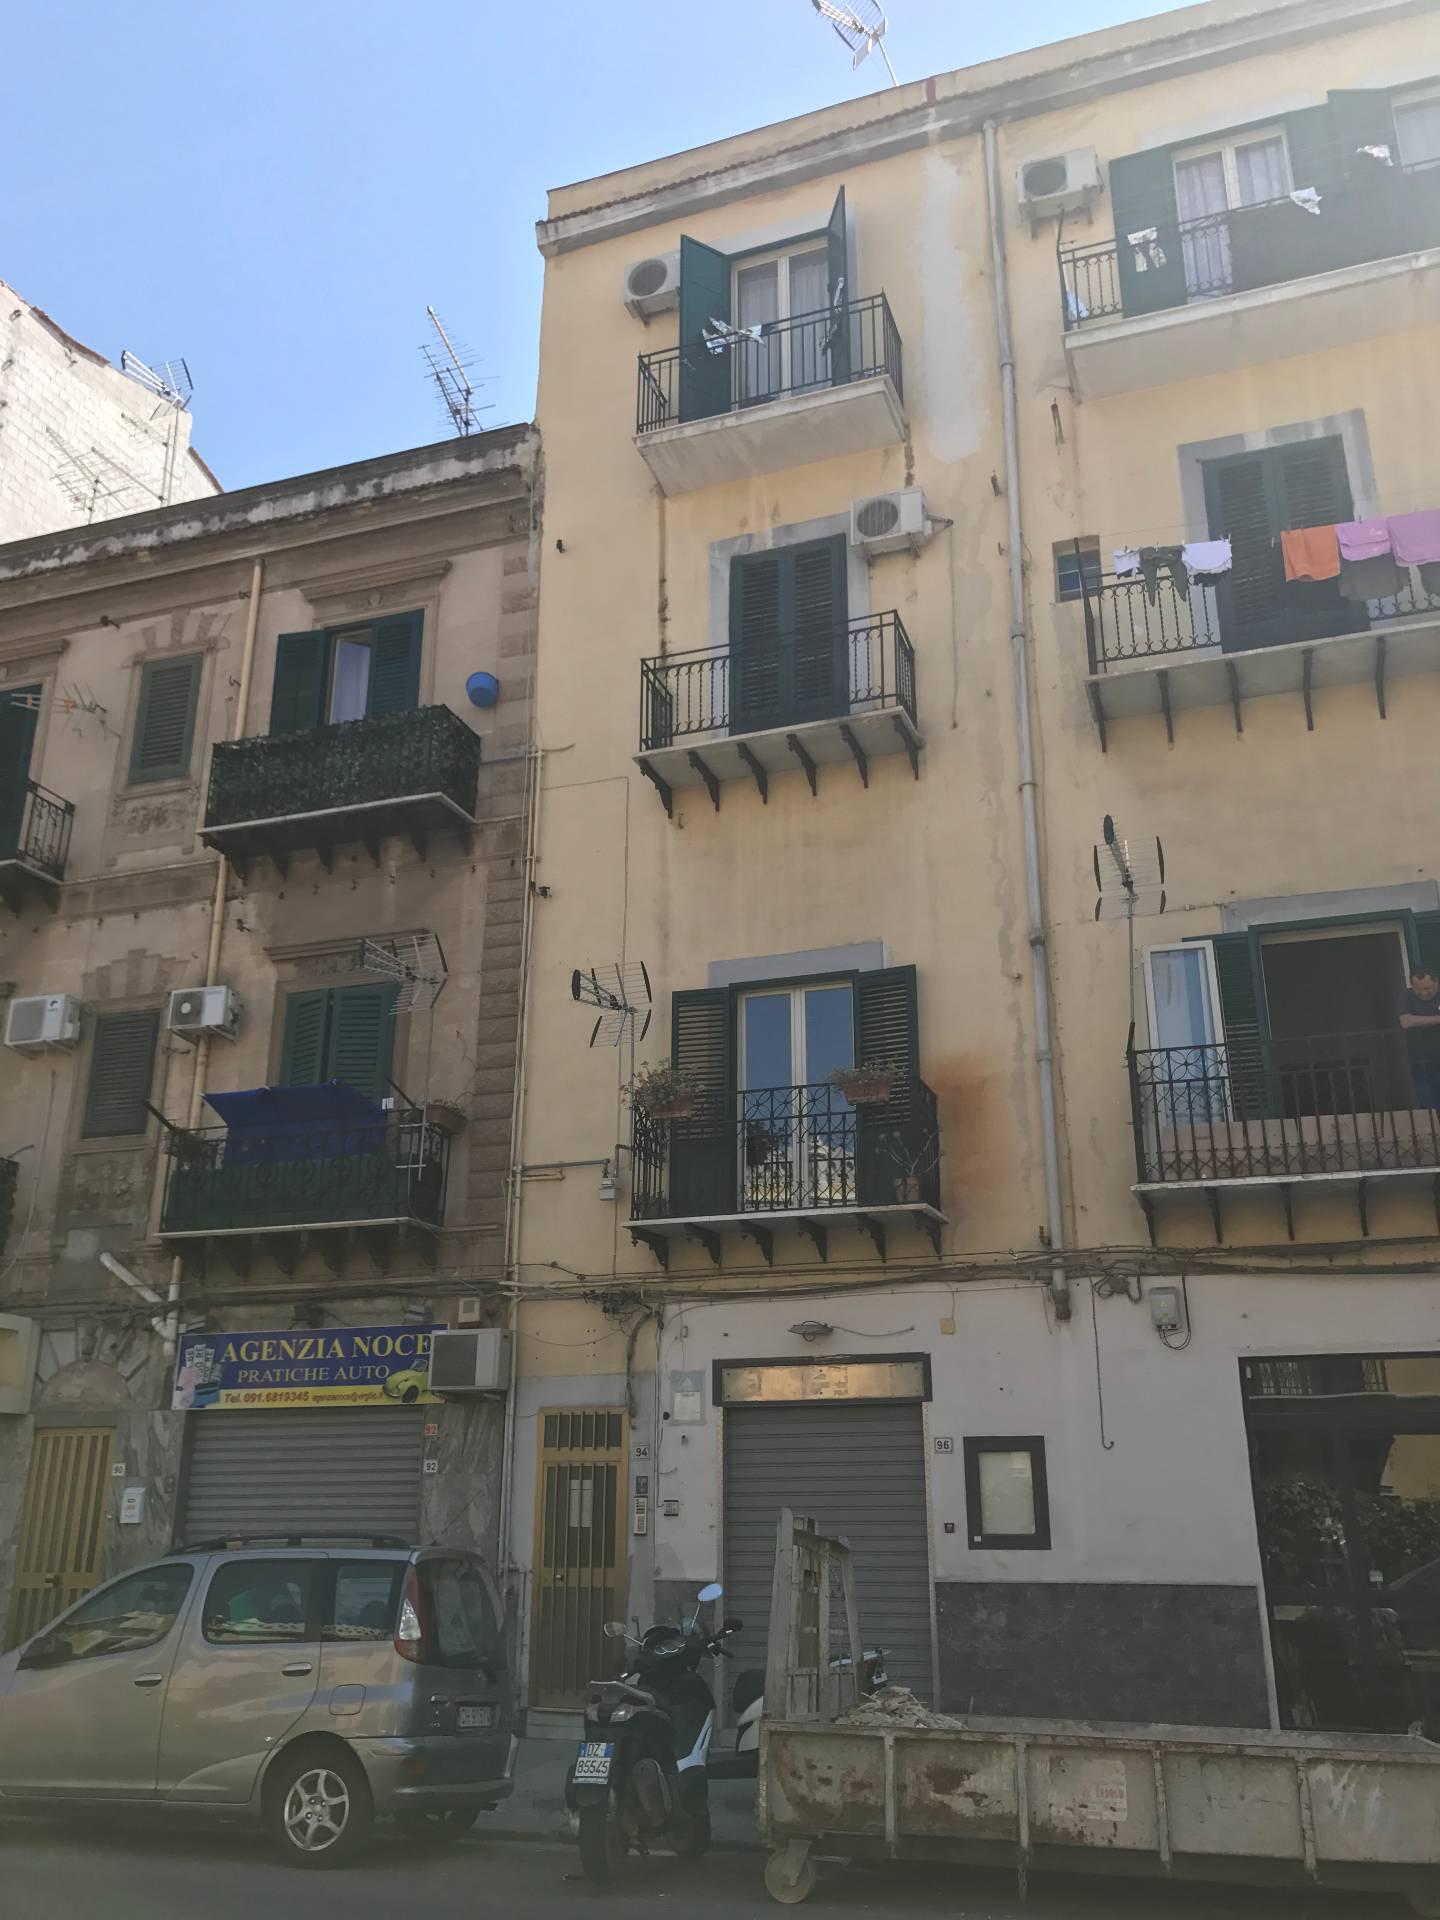 Appartamento in affitto a Palermo, 3 locali, zona Zona: Noce, prezzo € 500 | CambioCasa.it